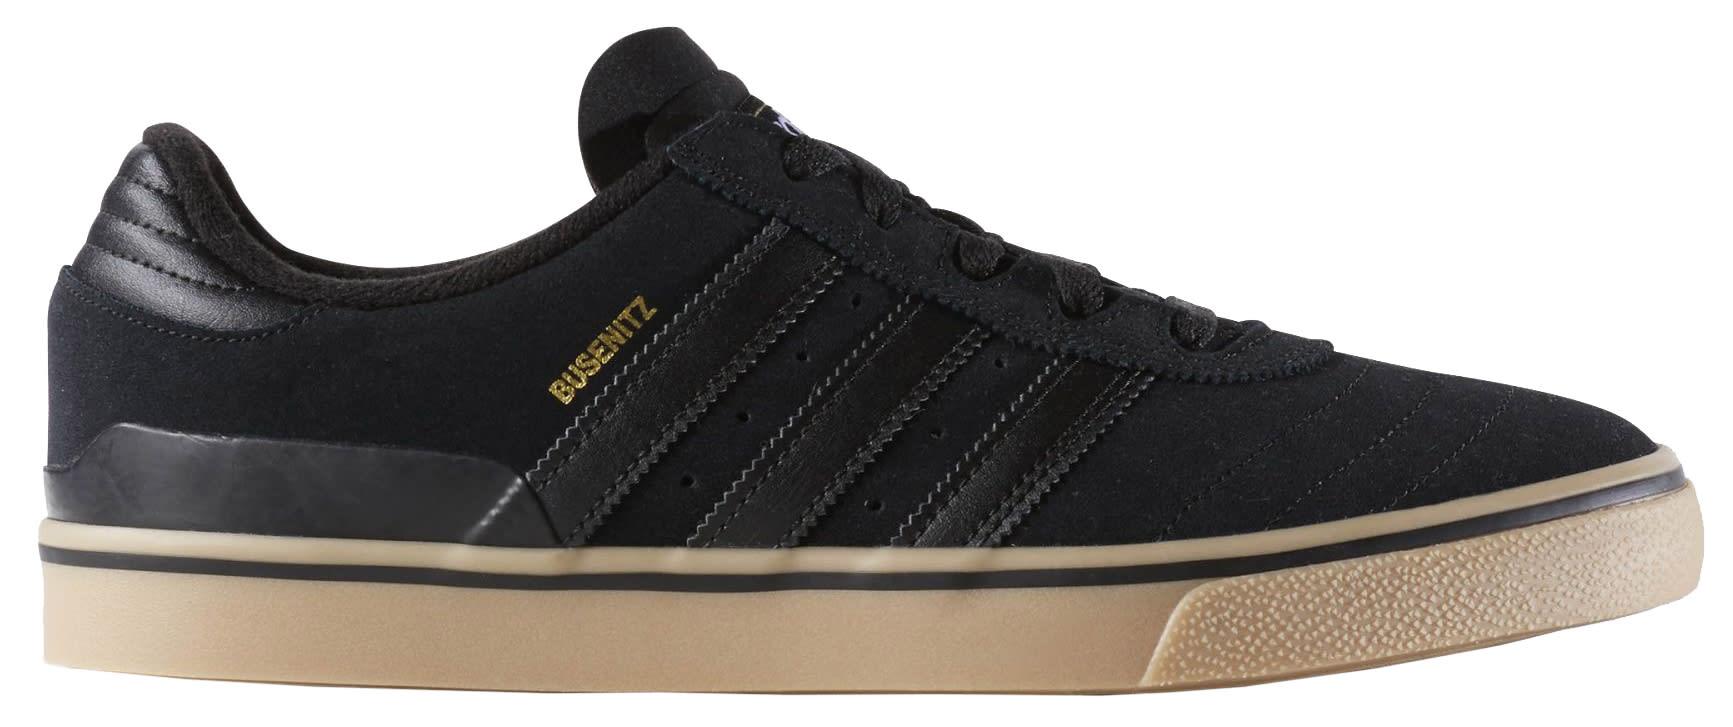 048c55090c22 Adidas Busenitz Vulc ADV Skate Shoes - thumbnail 1